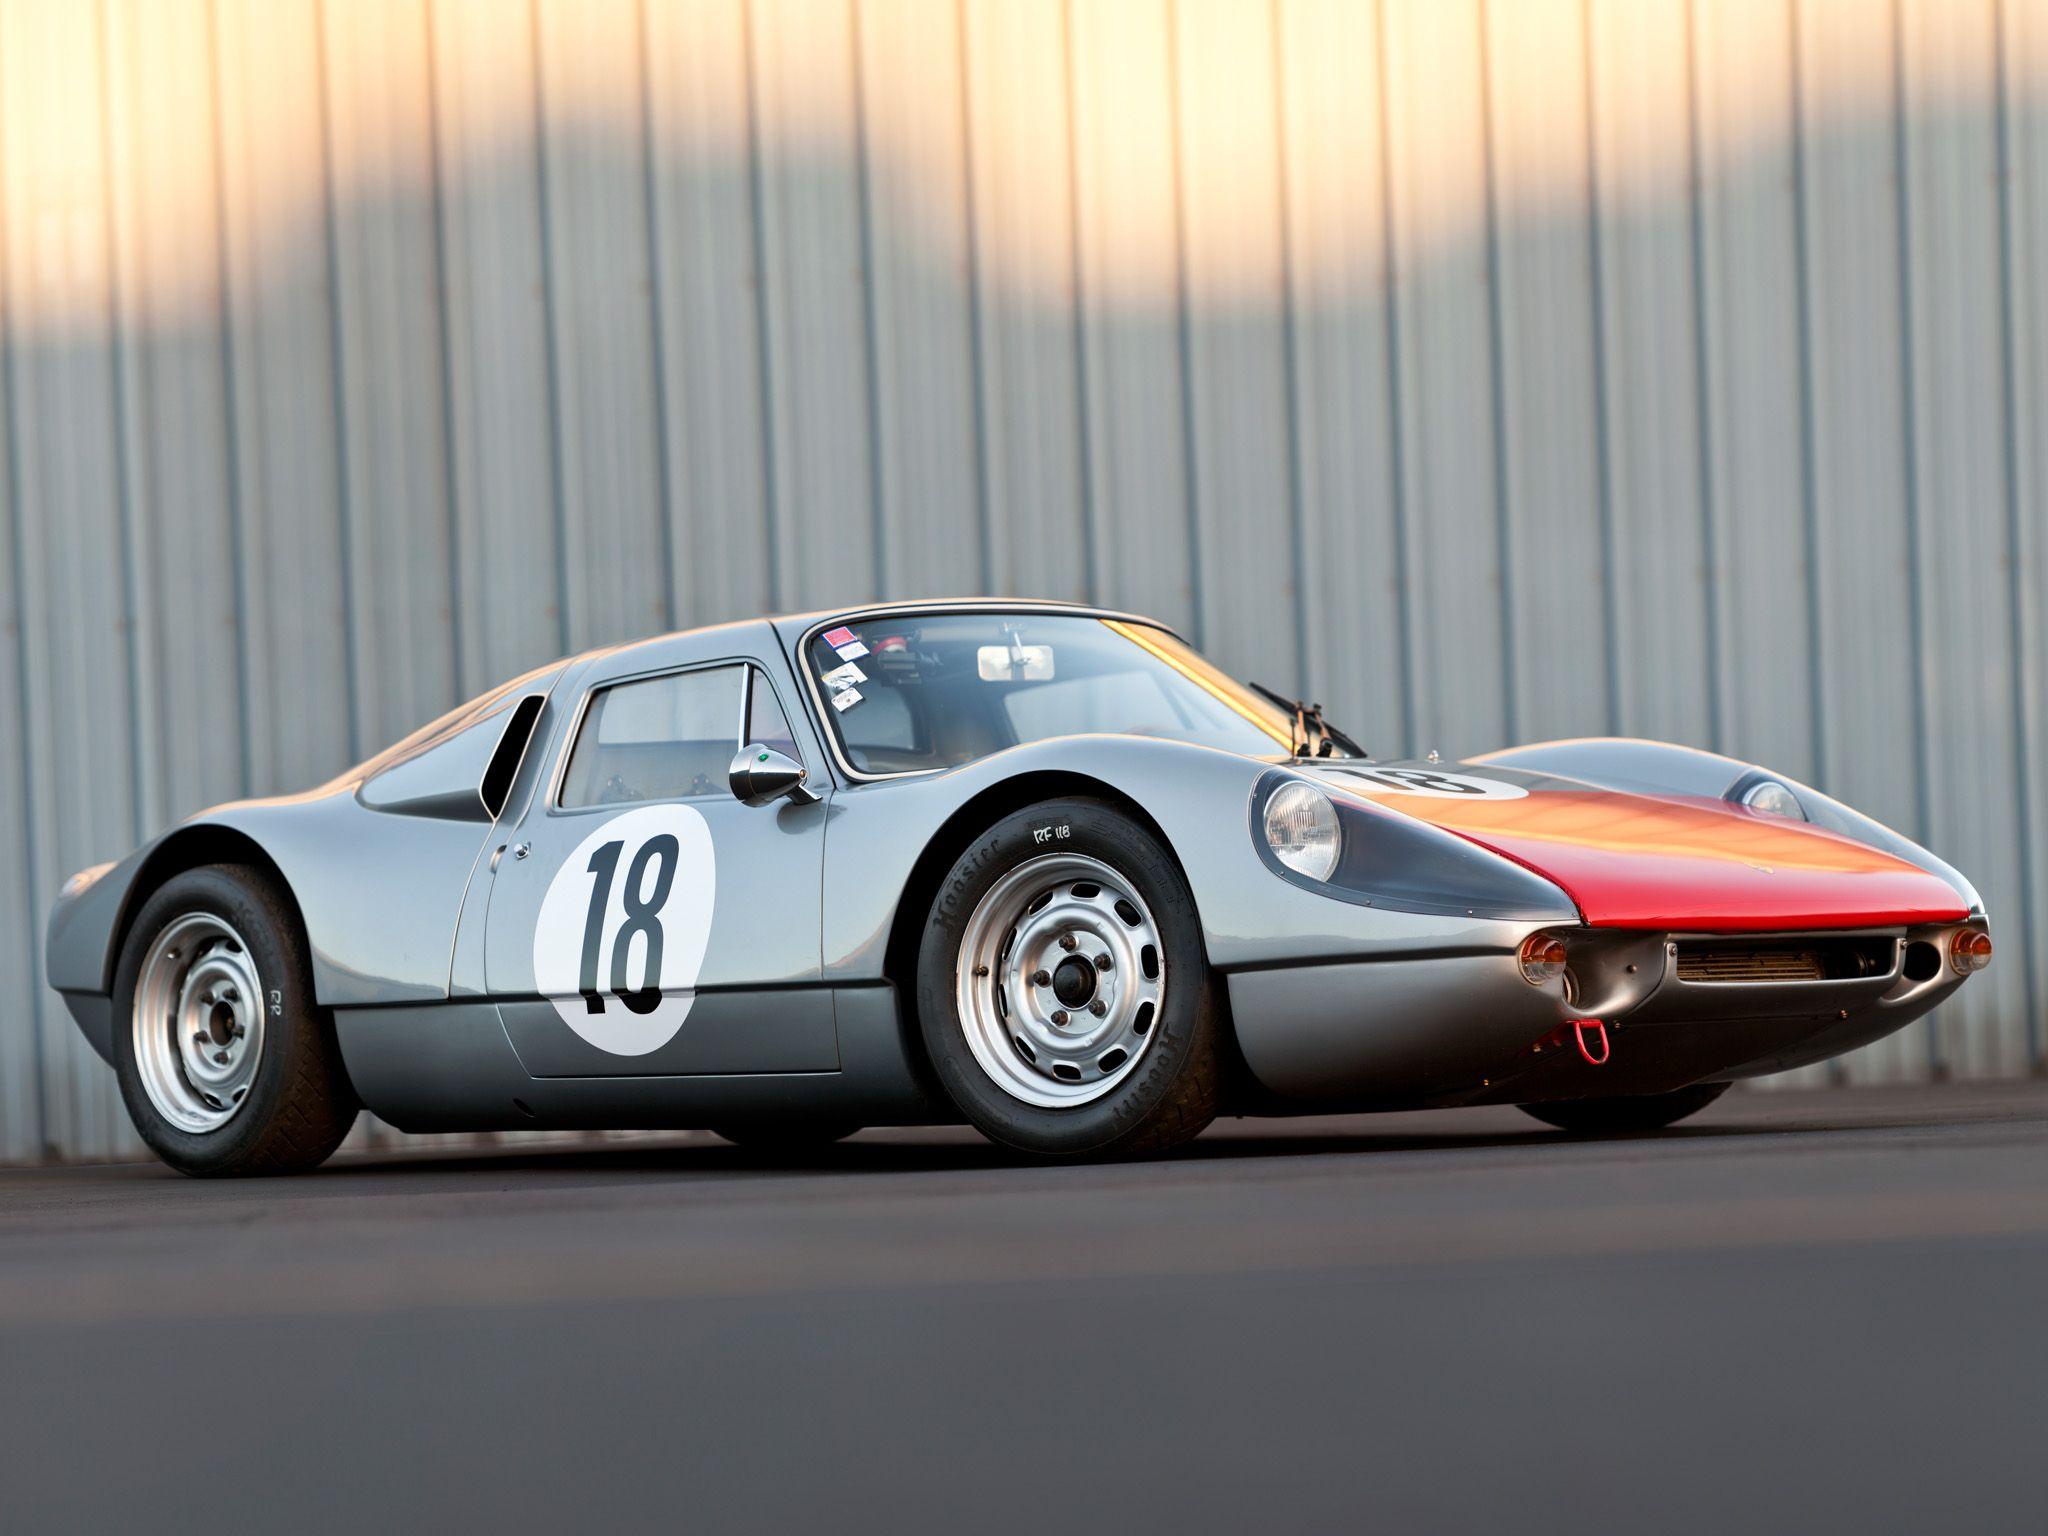 Porsche 904/6 GTS 1963 | Porsche | Pinterest | Cars, Sports cars and ...